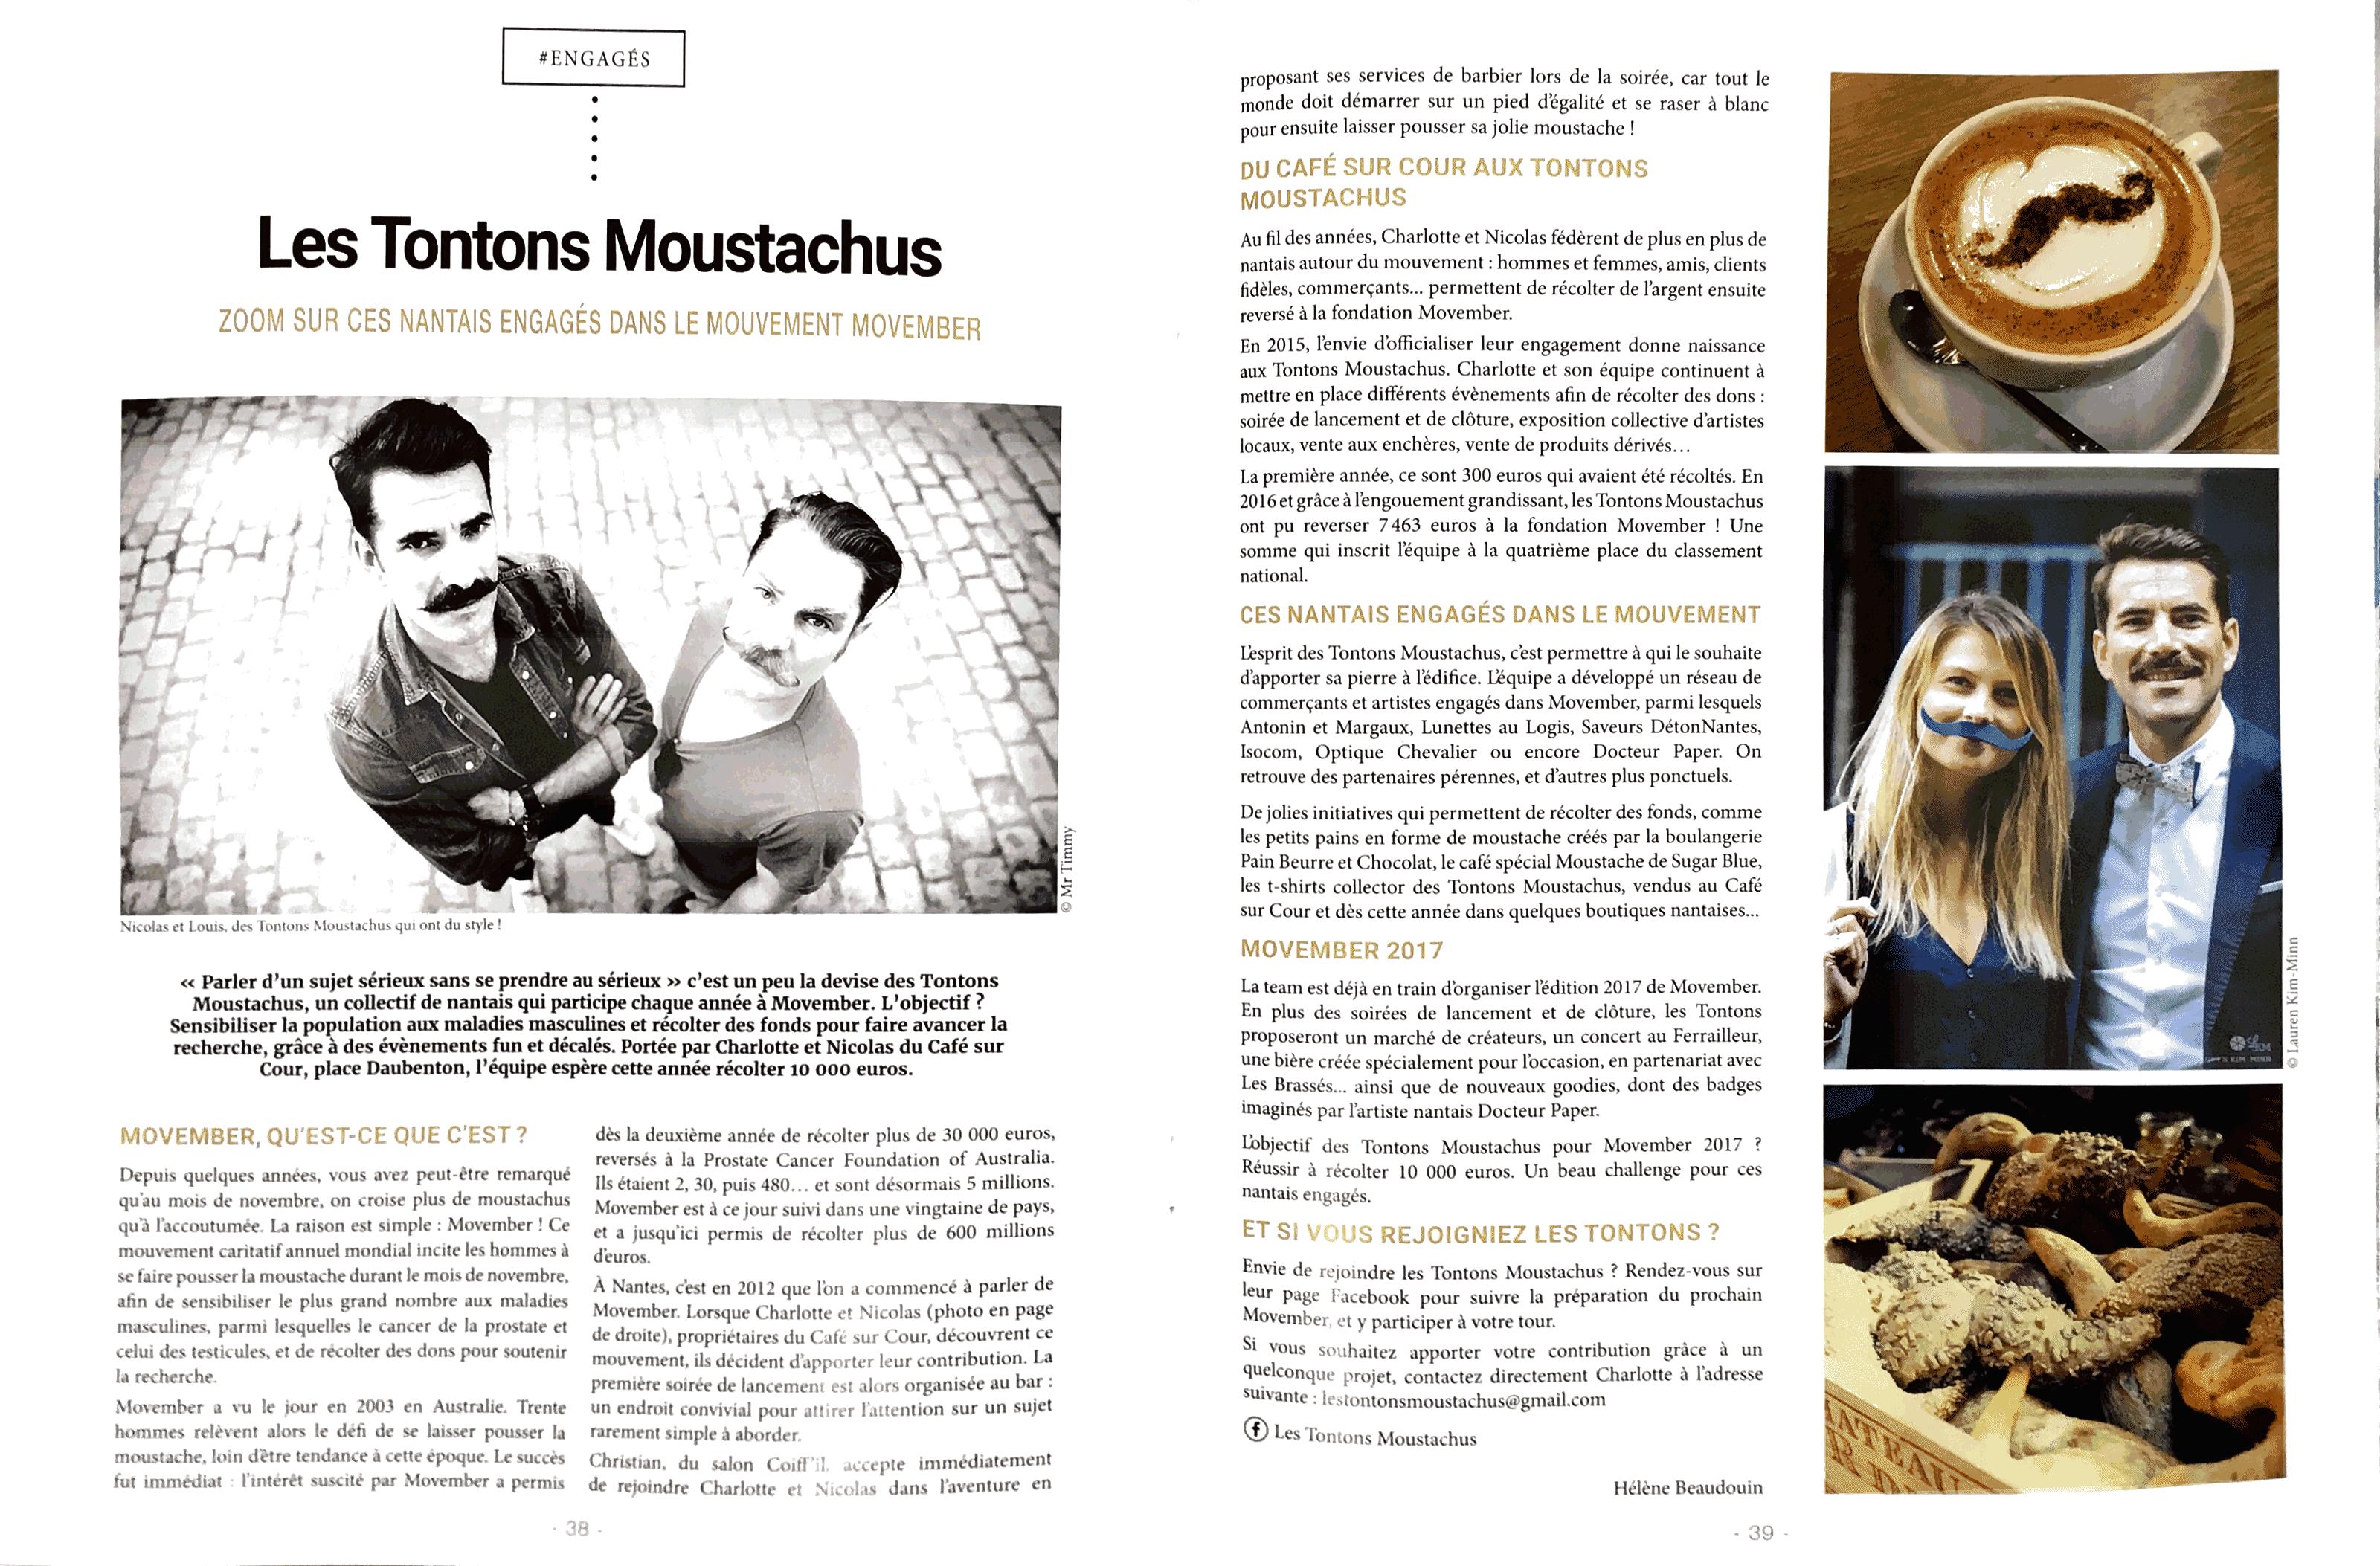 Les Tontons Moustachus